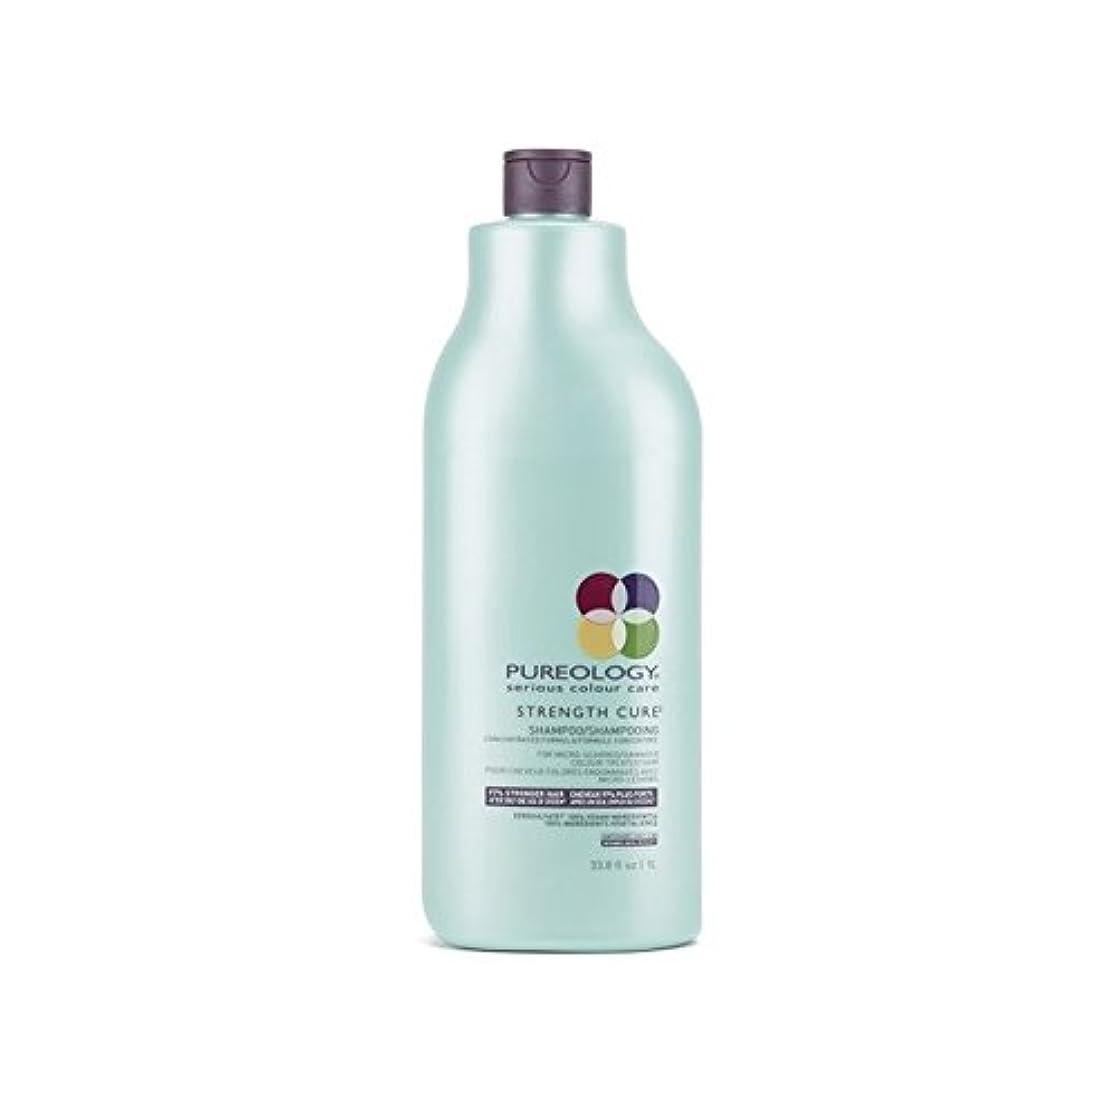 順応性ユダヤ人結核強度硬化シャンプー(千ミリリットル) x4 - Pureology Strength Cure Shampoo (1000ml) (Pack of 4) [並行輸入品]